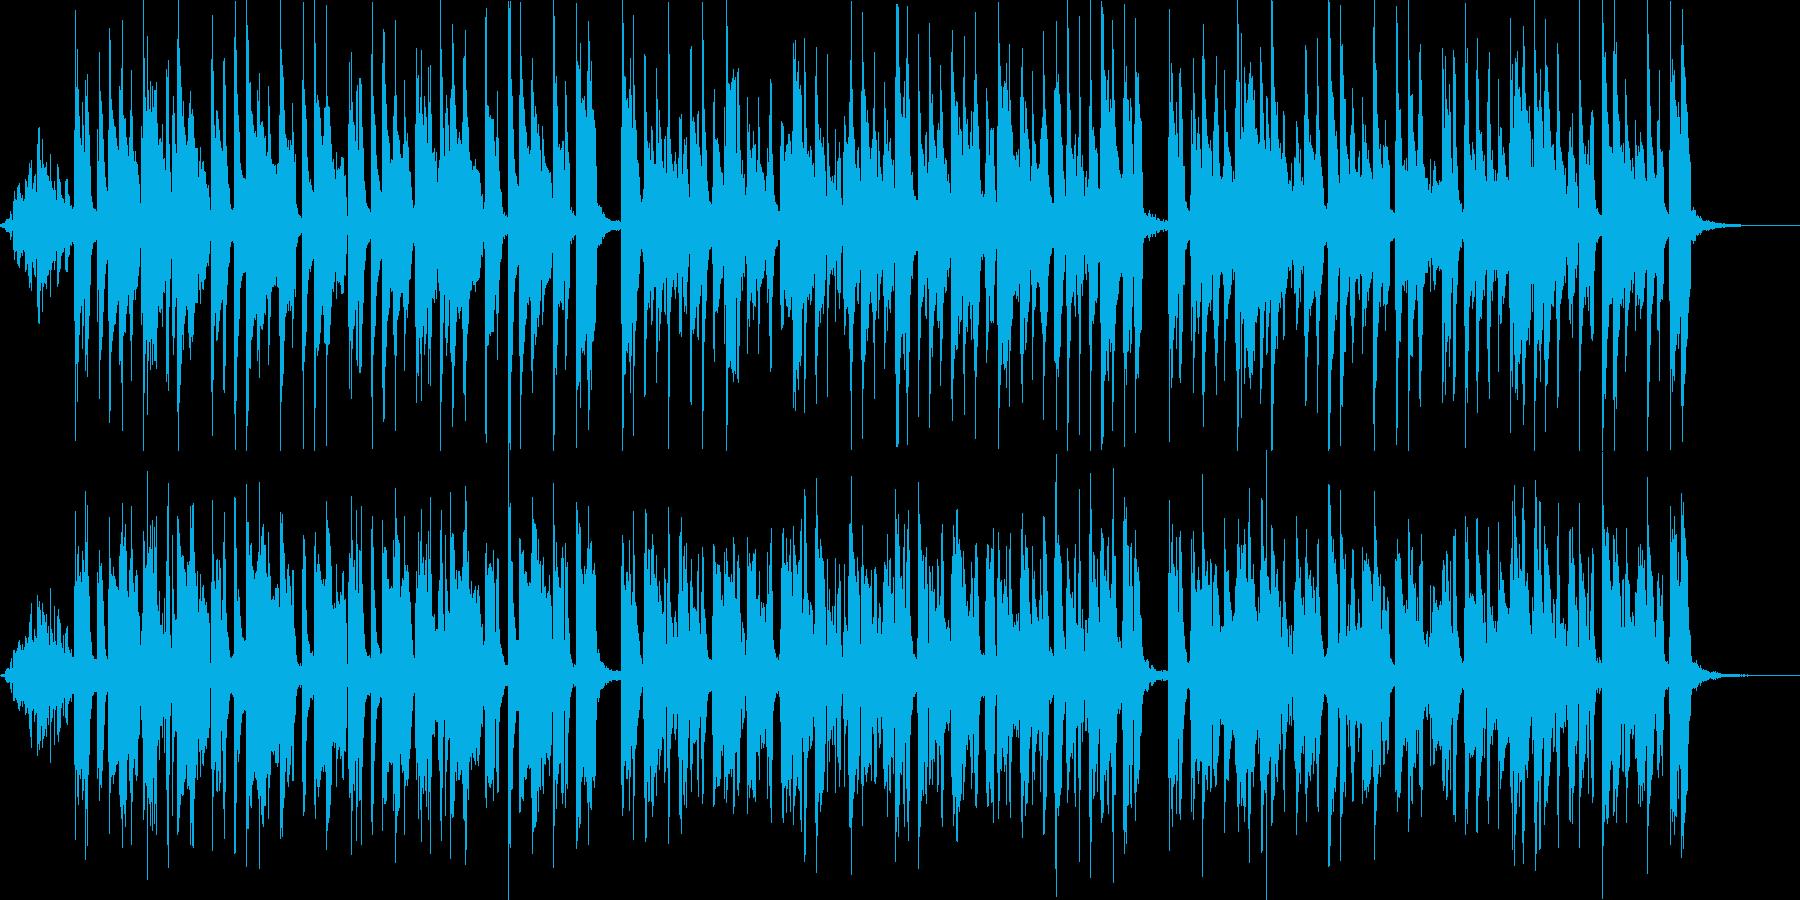 魔女のような怪しげでかわいい曲の再生済みの波形